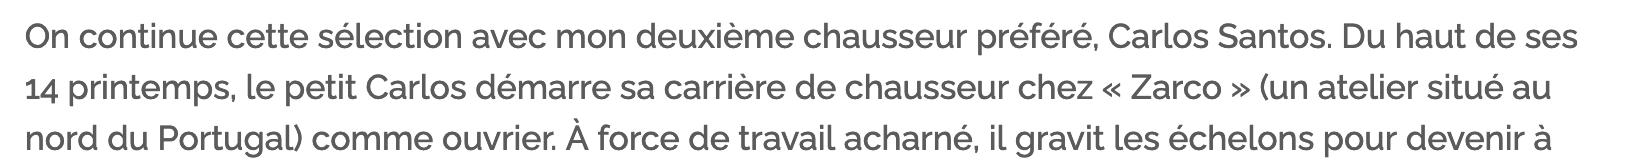 """L'histoire de Cosette Santos et de son """"atelier"""" selon la légende officielle. (source : comme un camion)"""